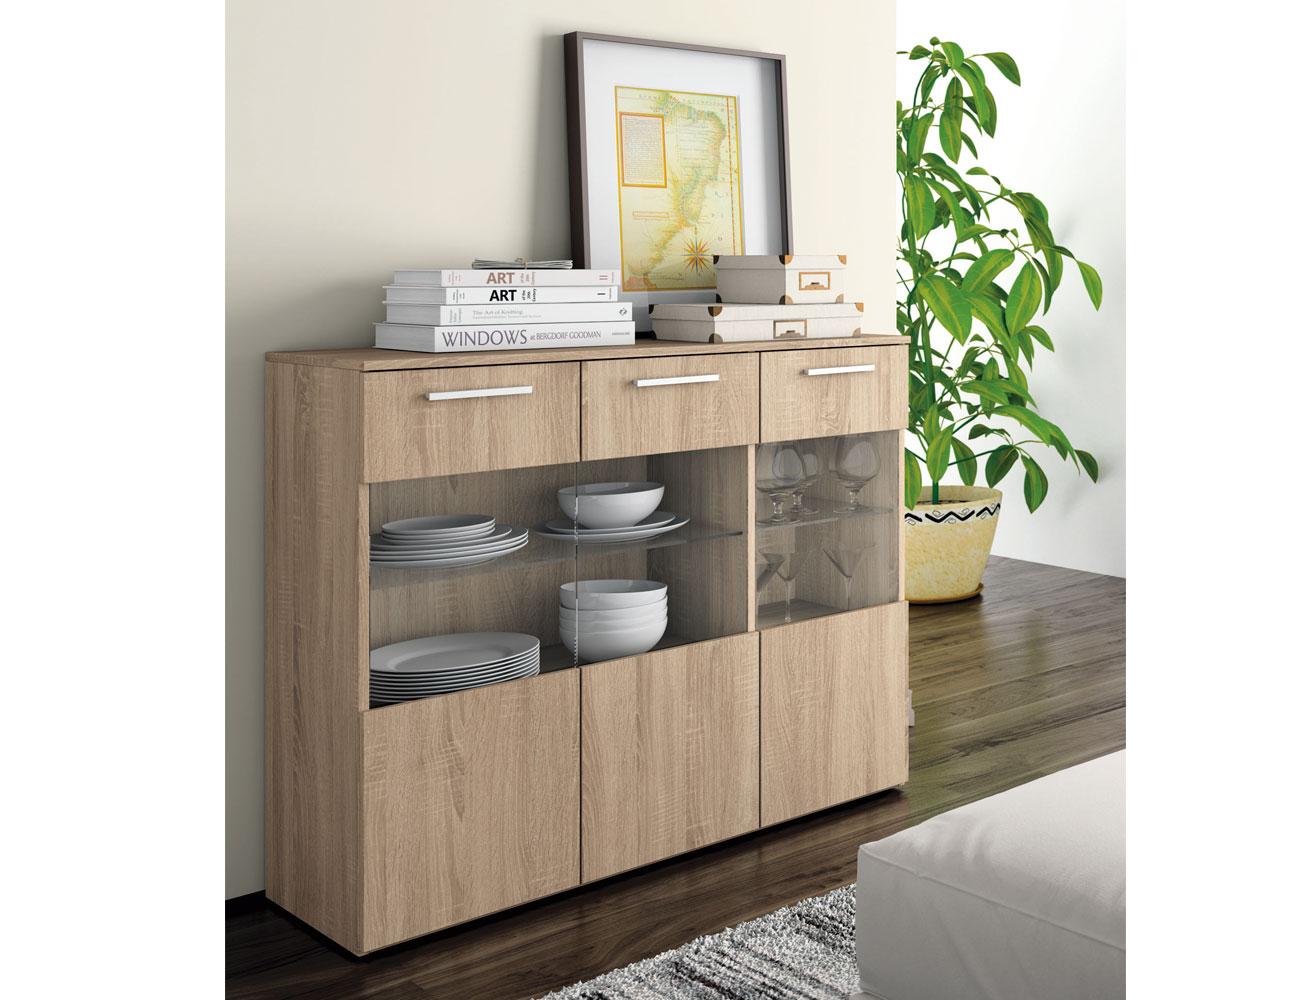 Mueble salon moderno aparador cambrian 41811